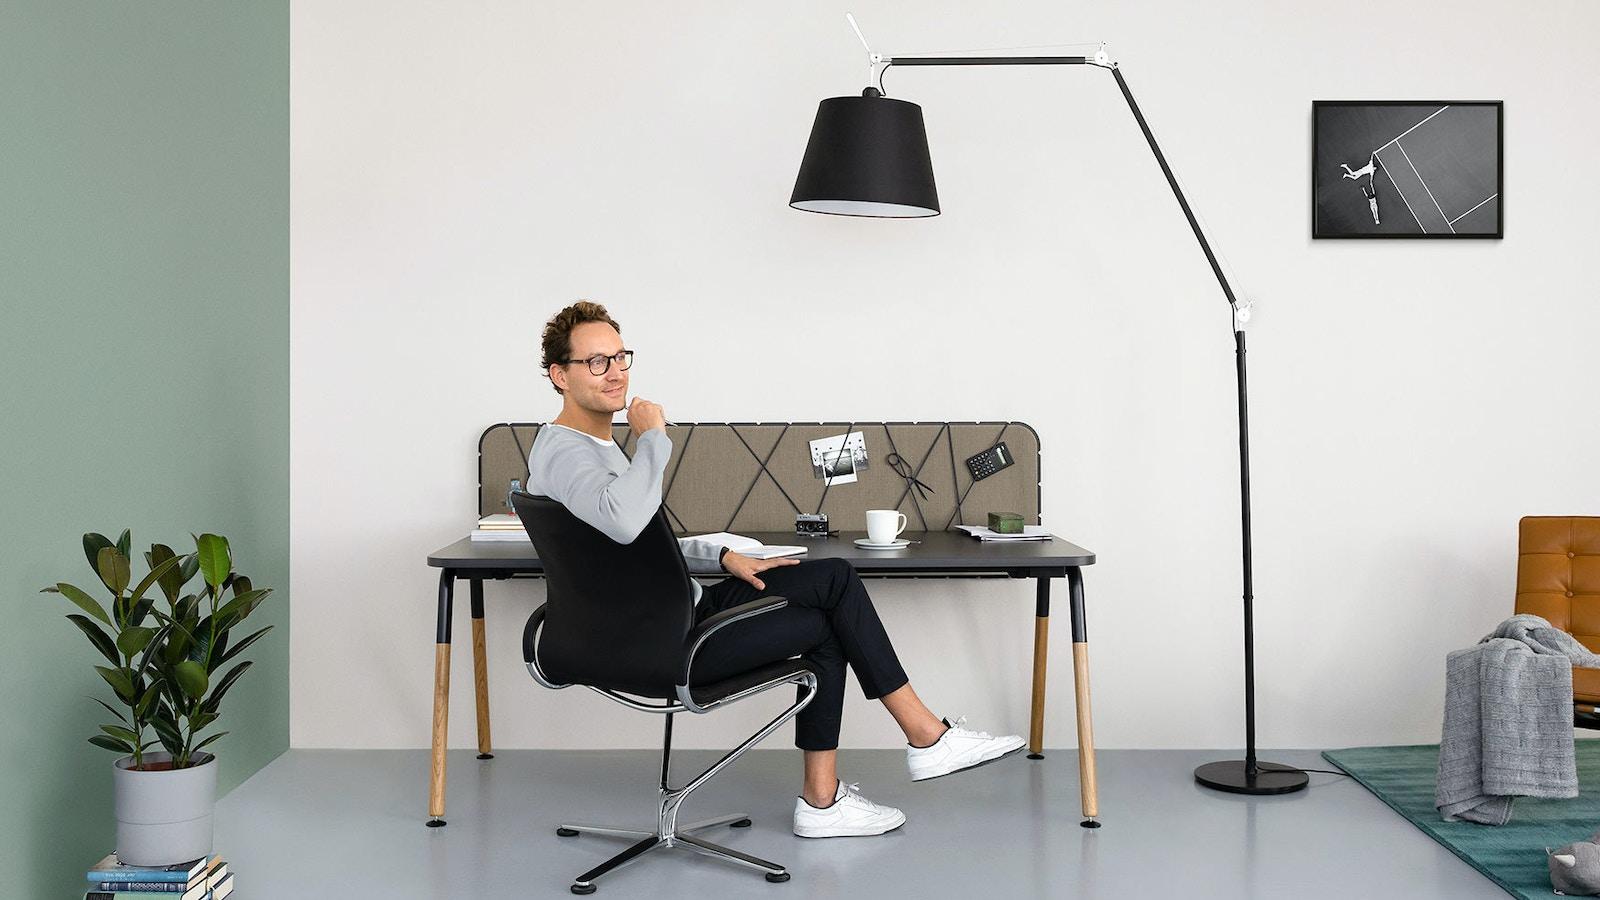 Ein junger Mann mit braunen Locken und Brille sitzt an einem Arbeitstisch. Er trägt einen grauen Pullover und eine schwarze Hose. Er lehnt sich mit dem rechten Ellbogen seitlich an die Rückenlehne seines schwarzen Drehstuhls, die Beine hat er überschlagen und sieht nachdenklich in die Ferne. Der Arbeitstisch hat eine schwarze Tischplatte, Beine aus hellem Holz und eine braune Pinnwand. Links neben dem Tisch gibt es eine grüne Wand, vor der auf einem Stapel Bücher eine Topfpflanze steht. Rechts neben dem Tisch steht eine große schwarze Stehlampe. Daneben liegt ein grüner Teppich, auf dem ein brauner Loungestuhl zu sehen ist.